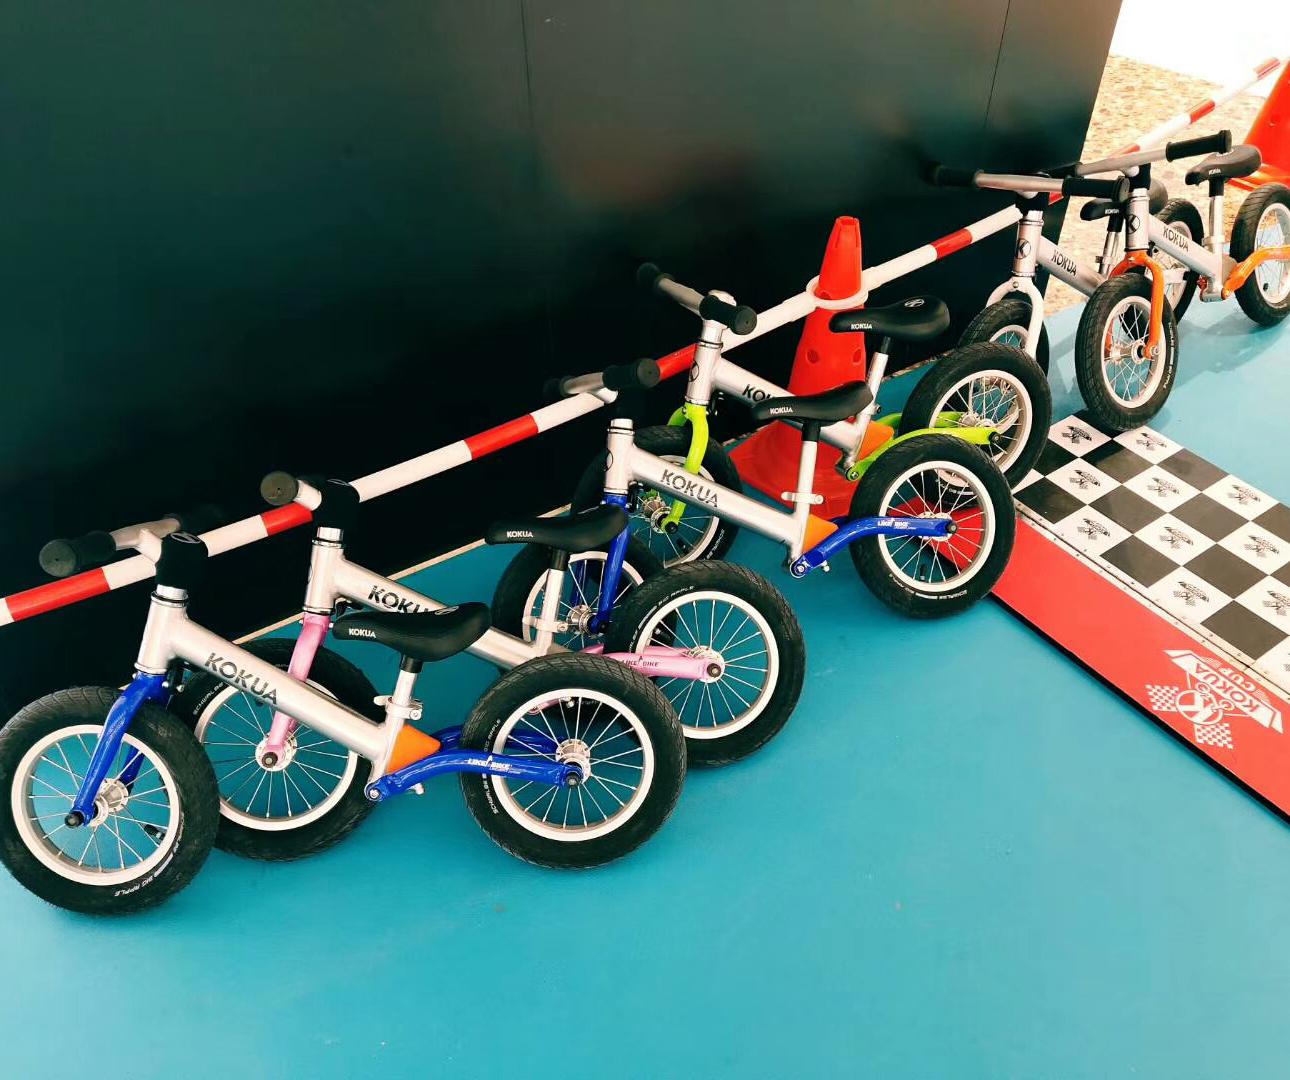 儿童平衡车馆选择安全系数高的腾方PVC地胶